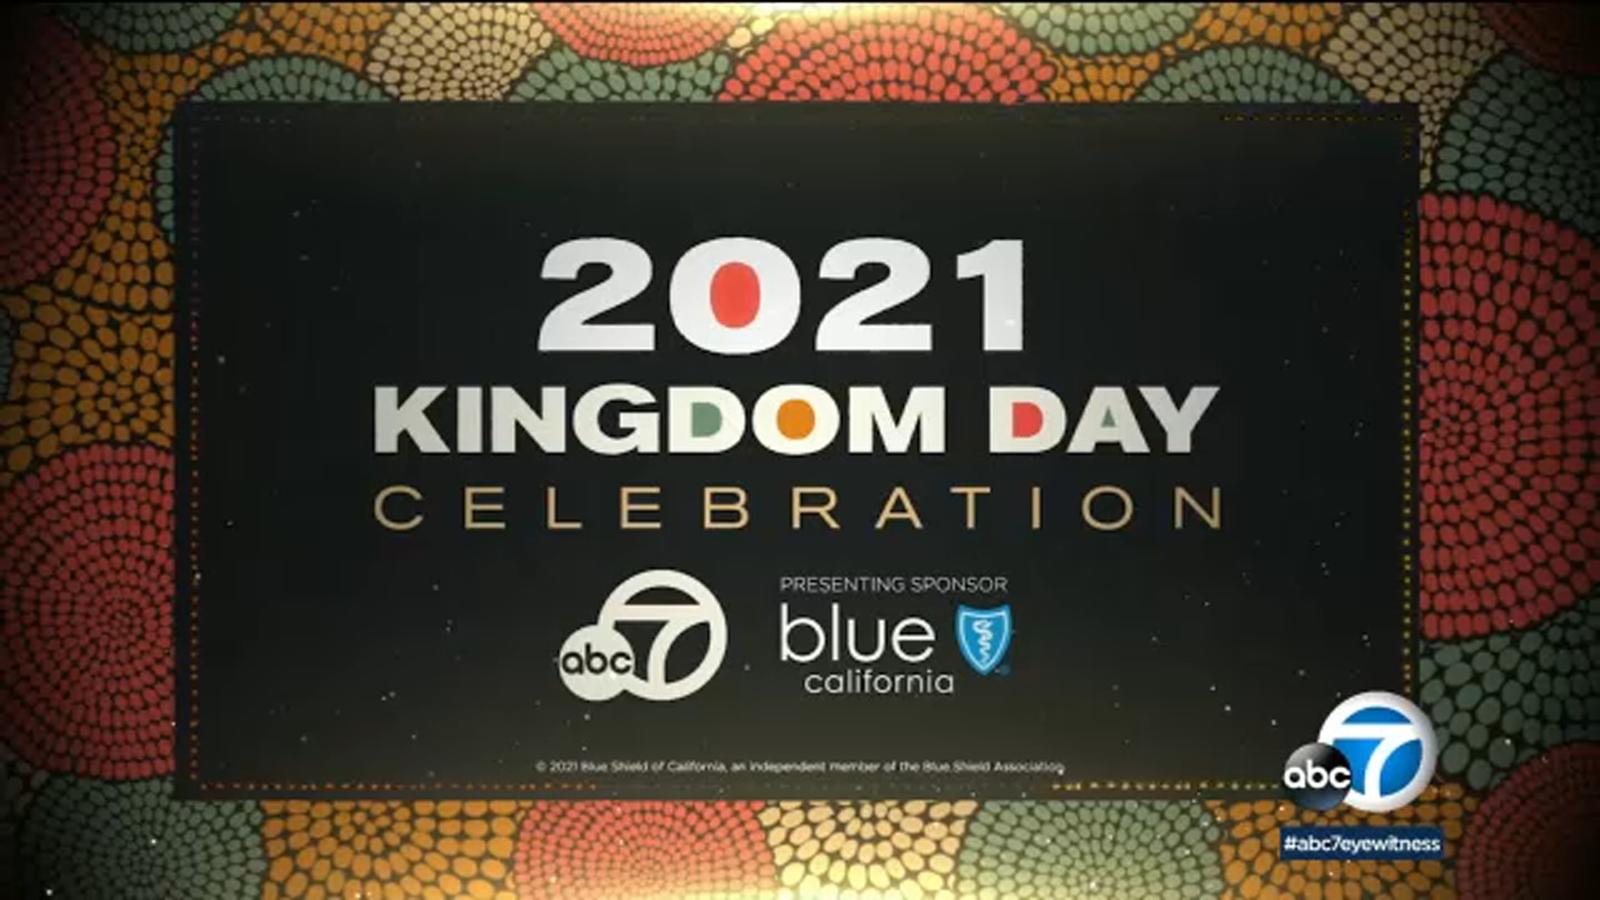 9788400 kingdom day tn jpg?w=1600.